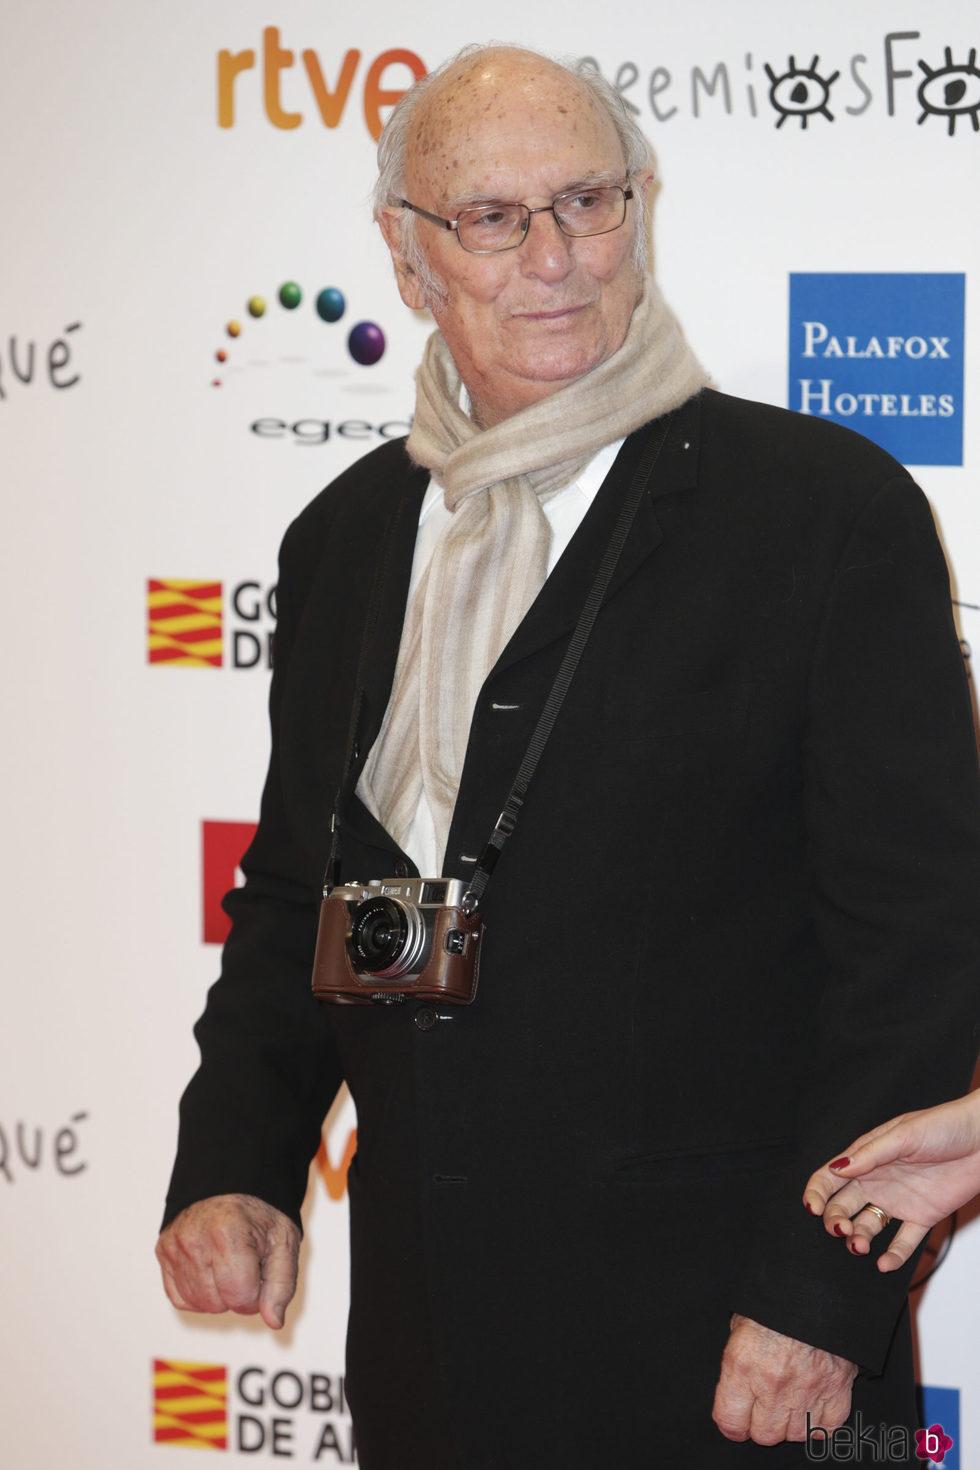 Carlos Saura en la alfombra roja de los Premios Forqué 2018